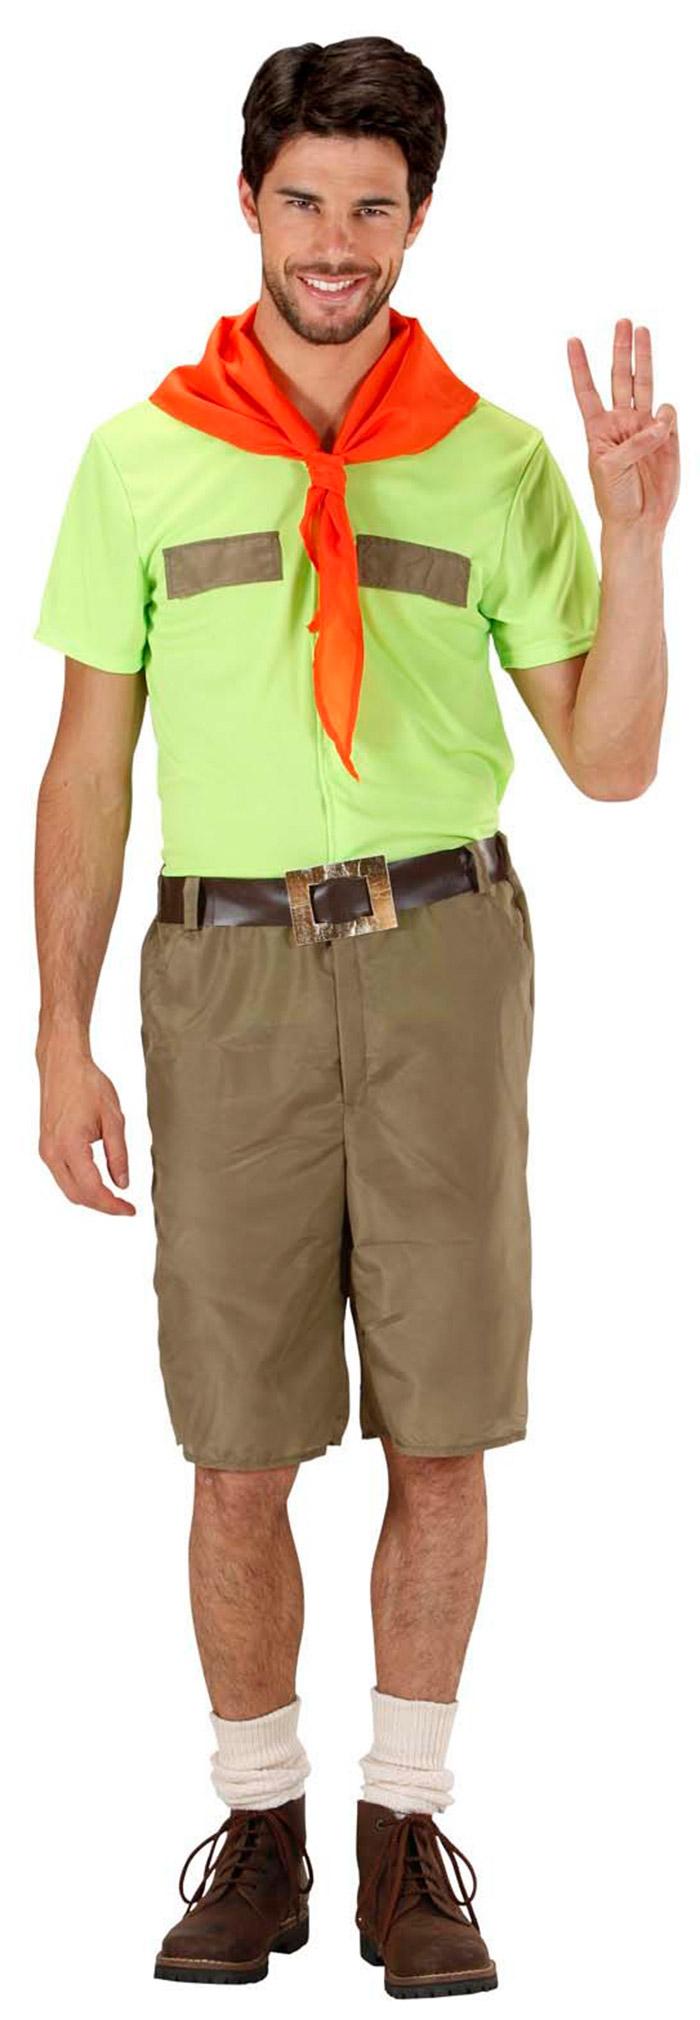 d guisement scout pour homme costume uniforme pas cher. Black Bedroom Furniture Sets. Home Design Ideas